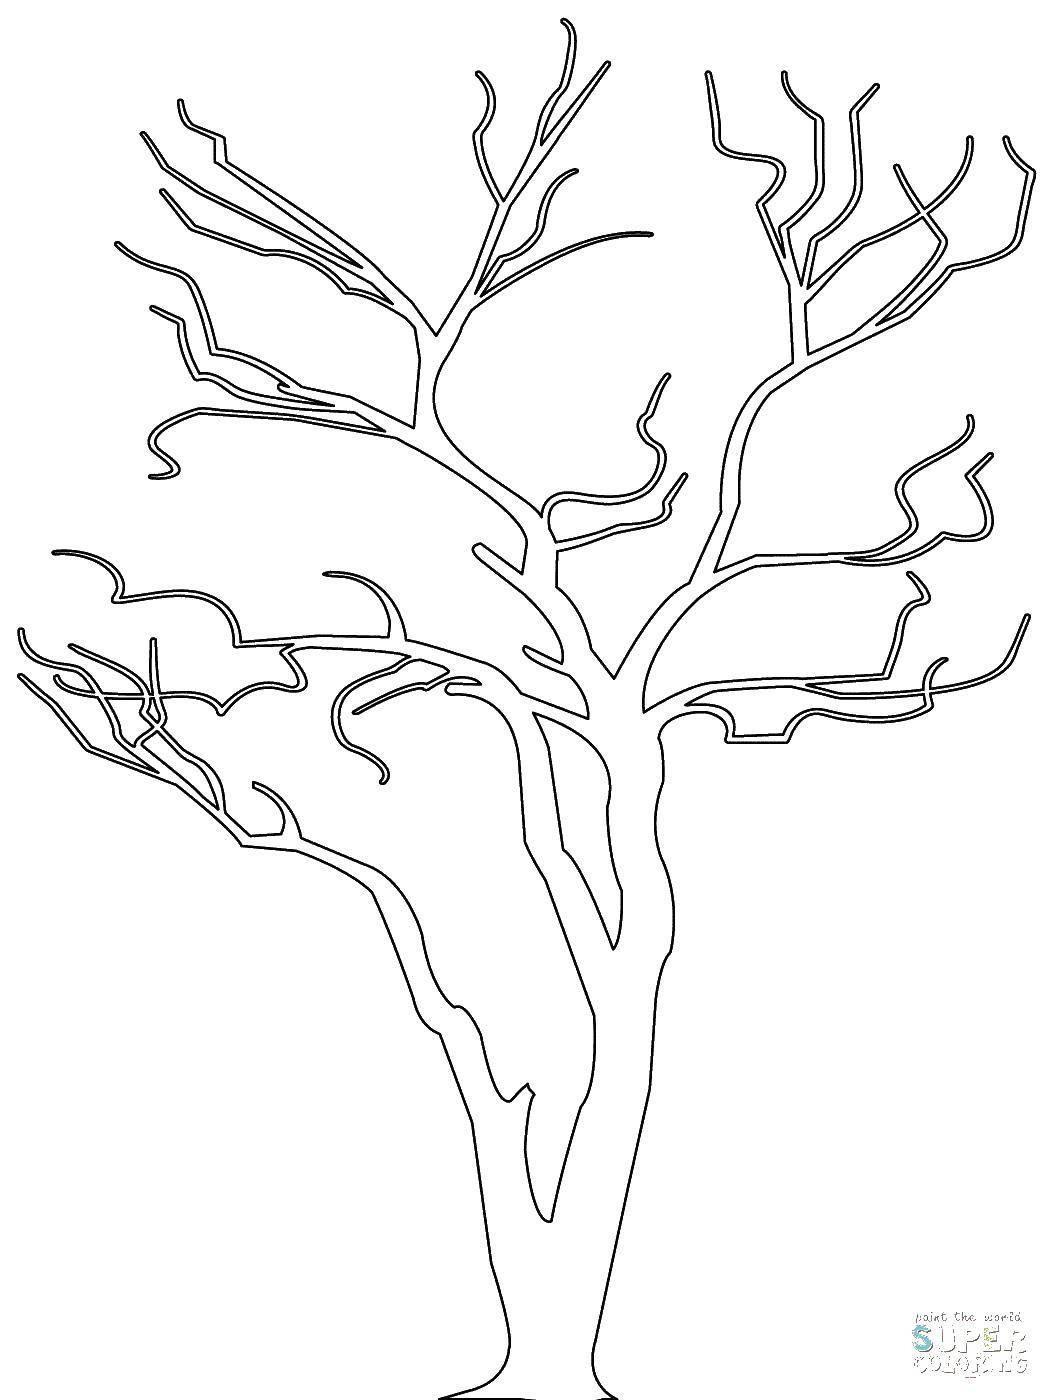 Раскраска Контур дерева Скачать Сердечко, любовь.  Распечатать ,Я тебя люблю,